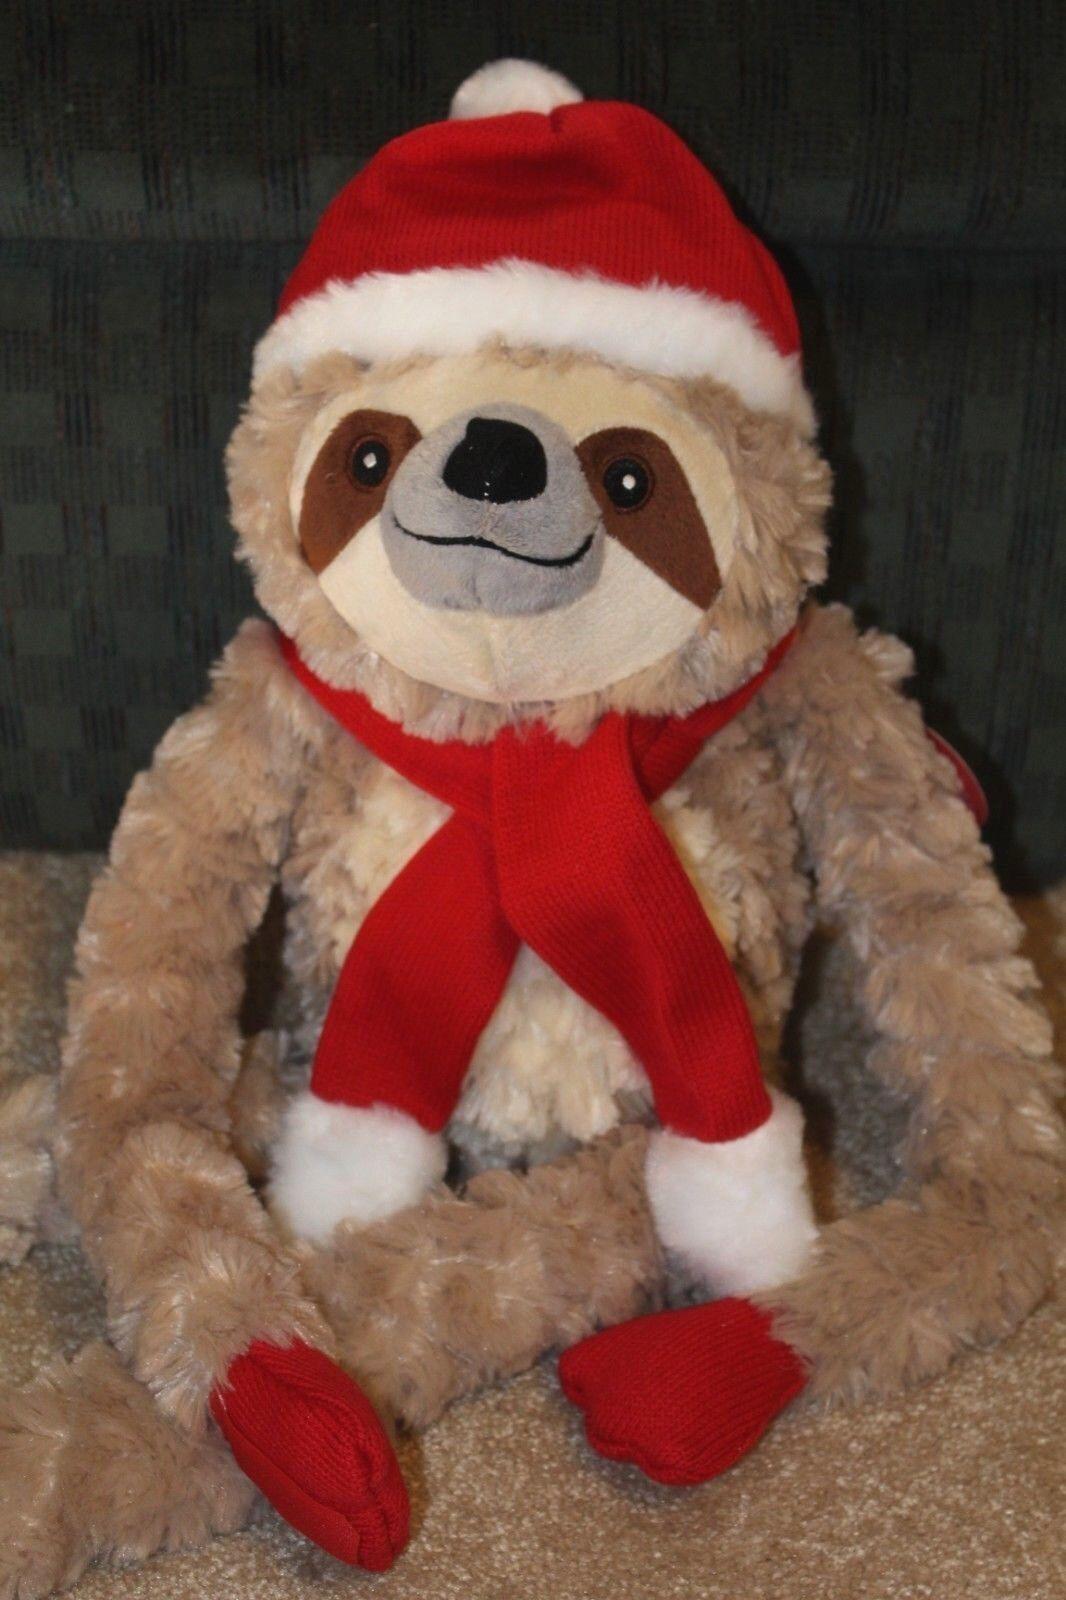 Scully, die weihnachten faultier plsch stofftier von pier 1 weihnachtsmann - mtze kumpel geschenk